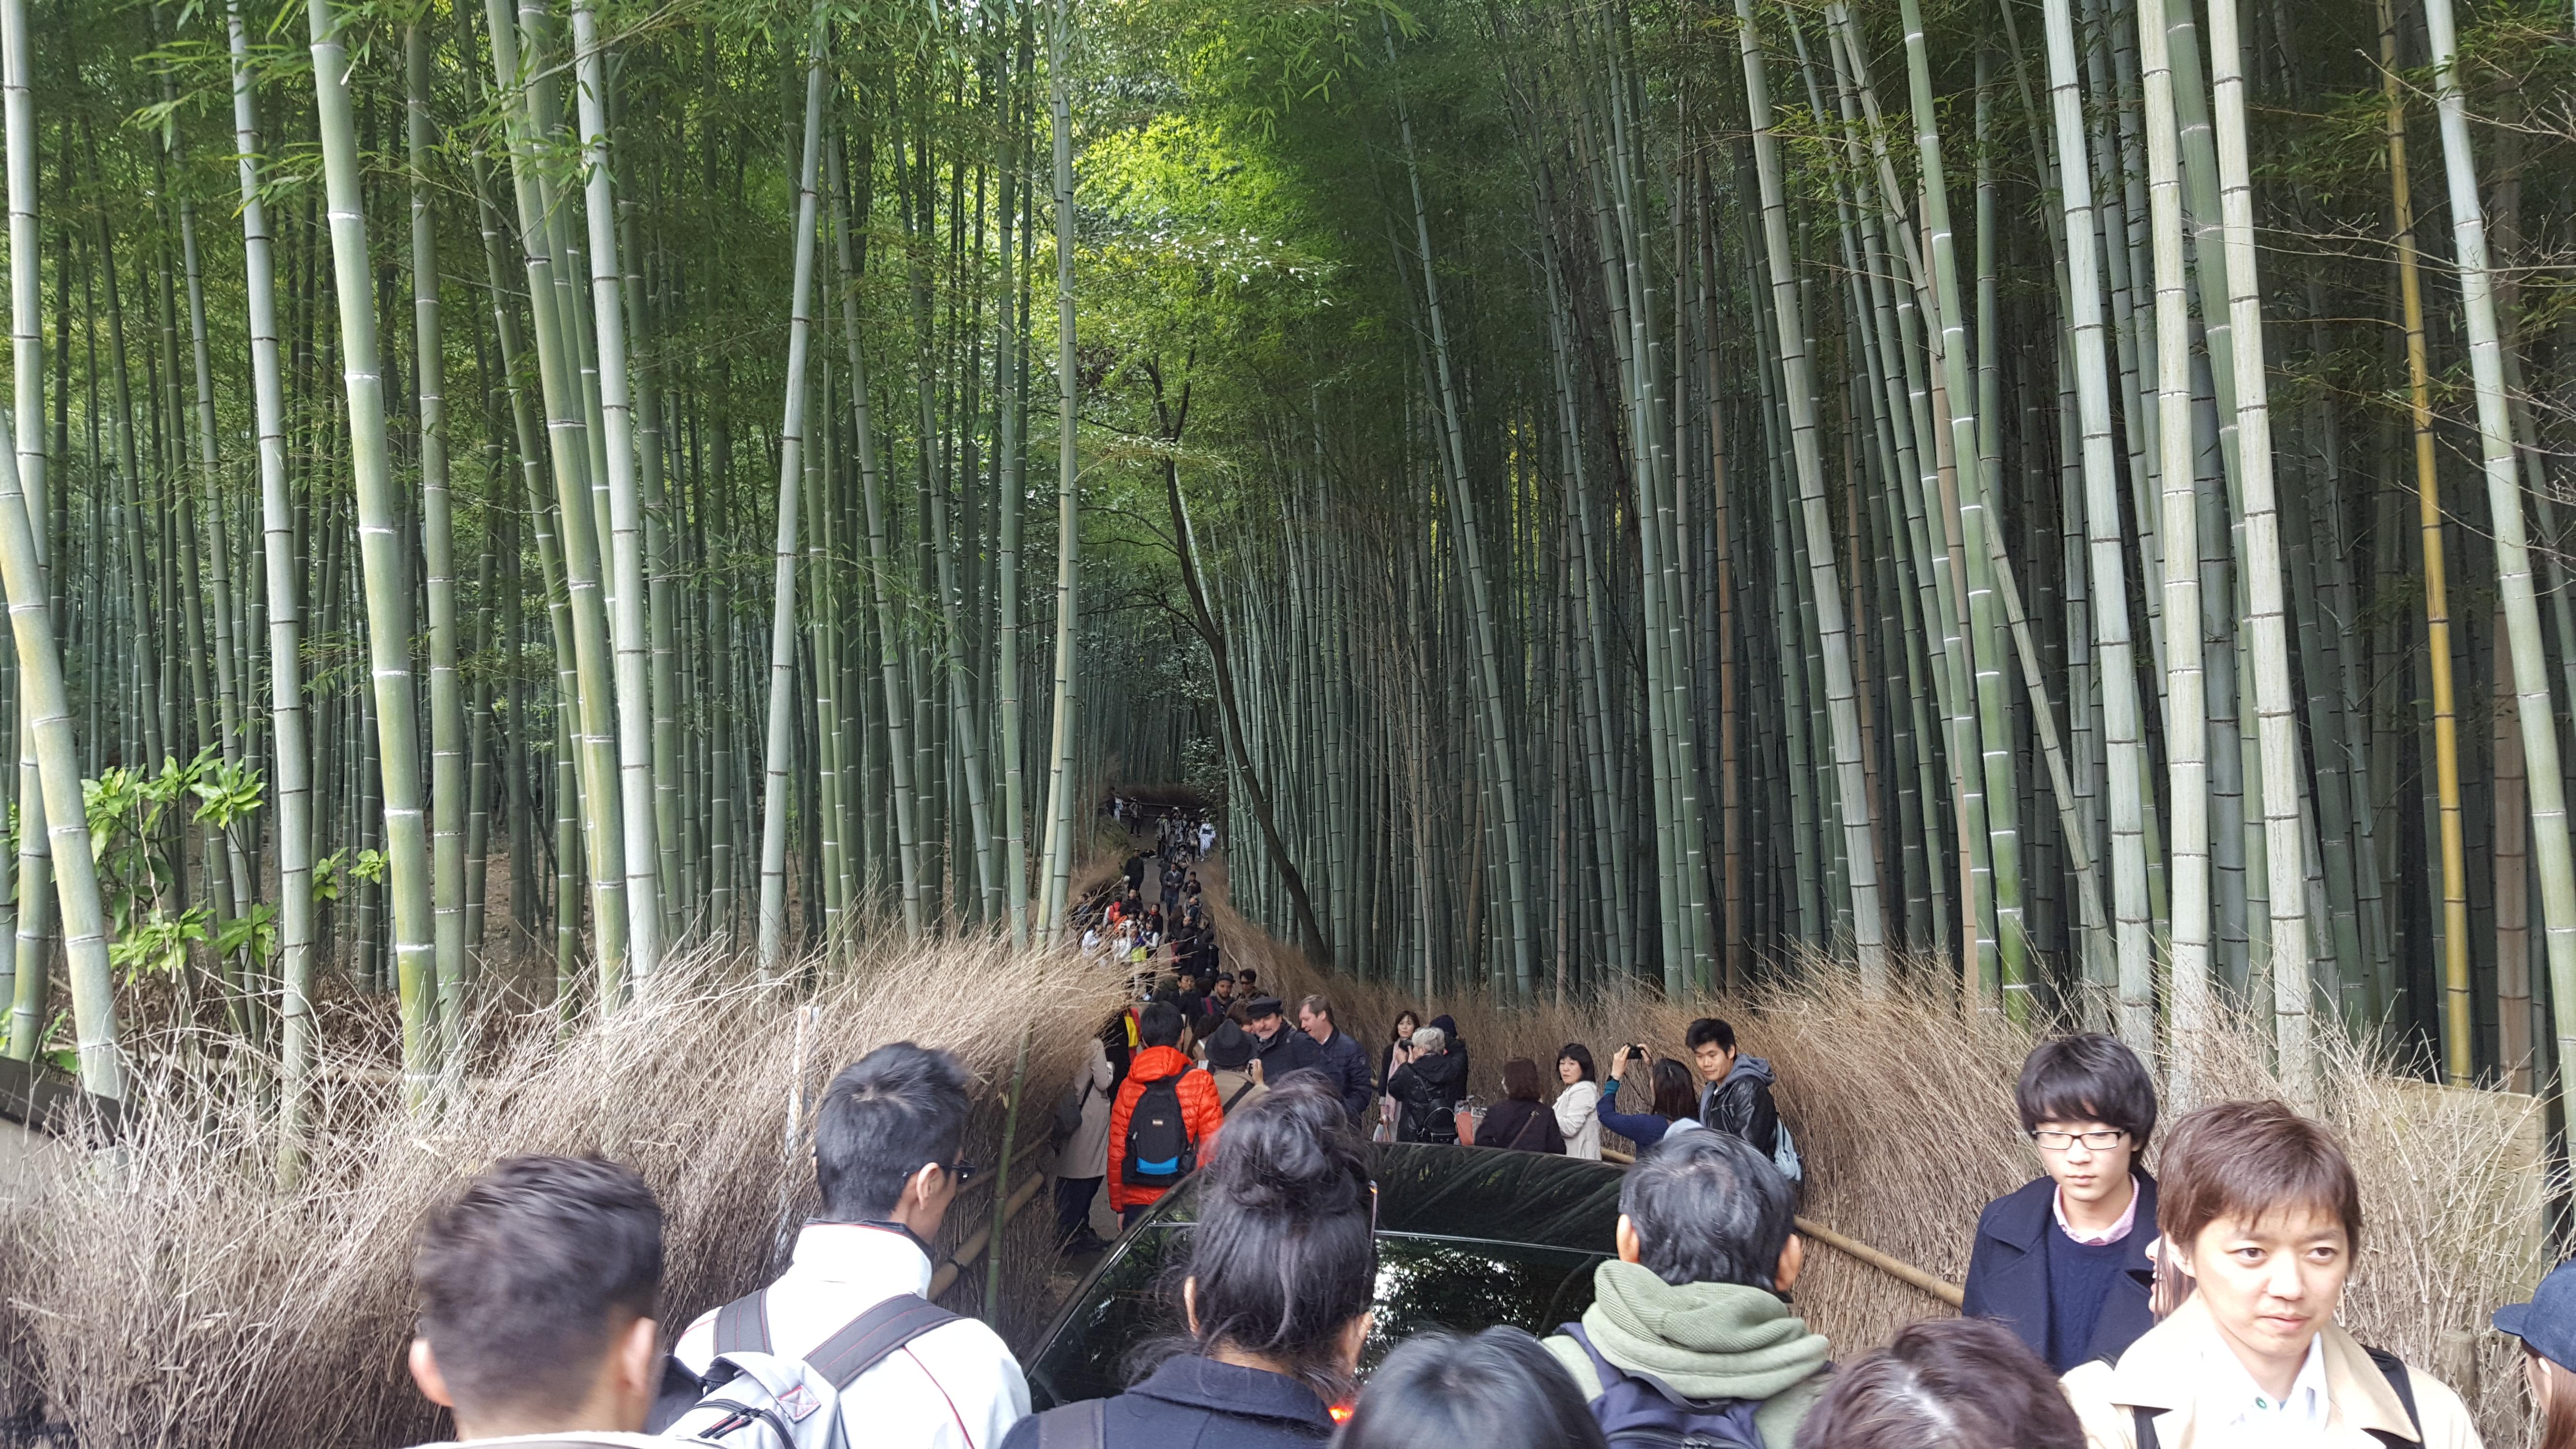 Ein Echter Geheimtipp Ii Der Bambuswald Von Sagano Arashiyama